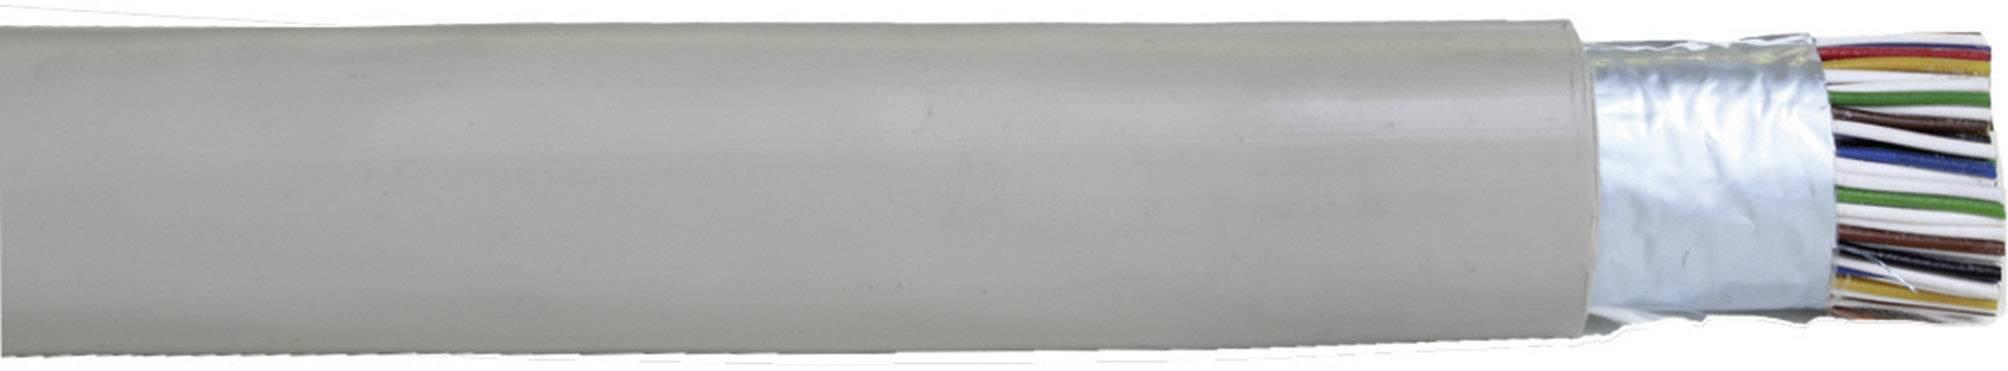 Řídicí kabel Faber Kabel J-Y(ST)Y (100025), 11 mm, stíněný, šedá, 1 m